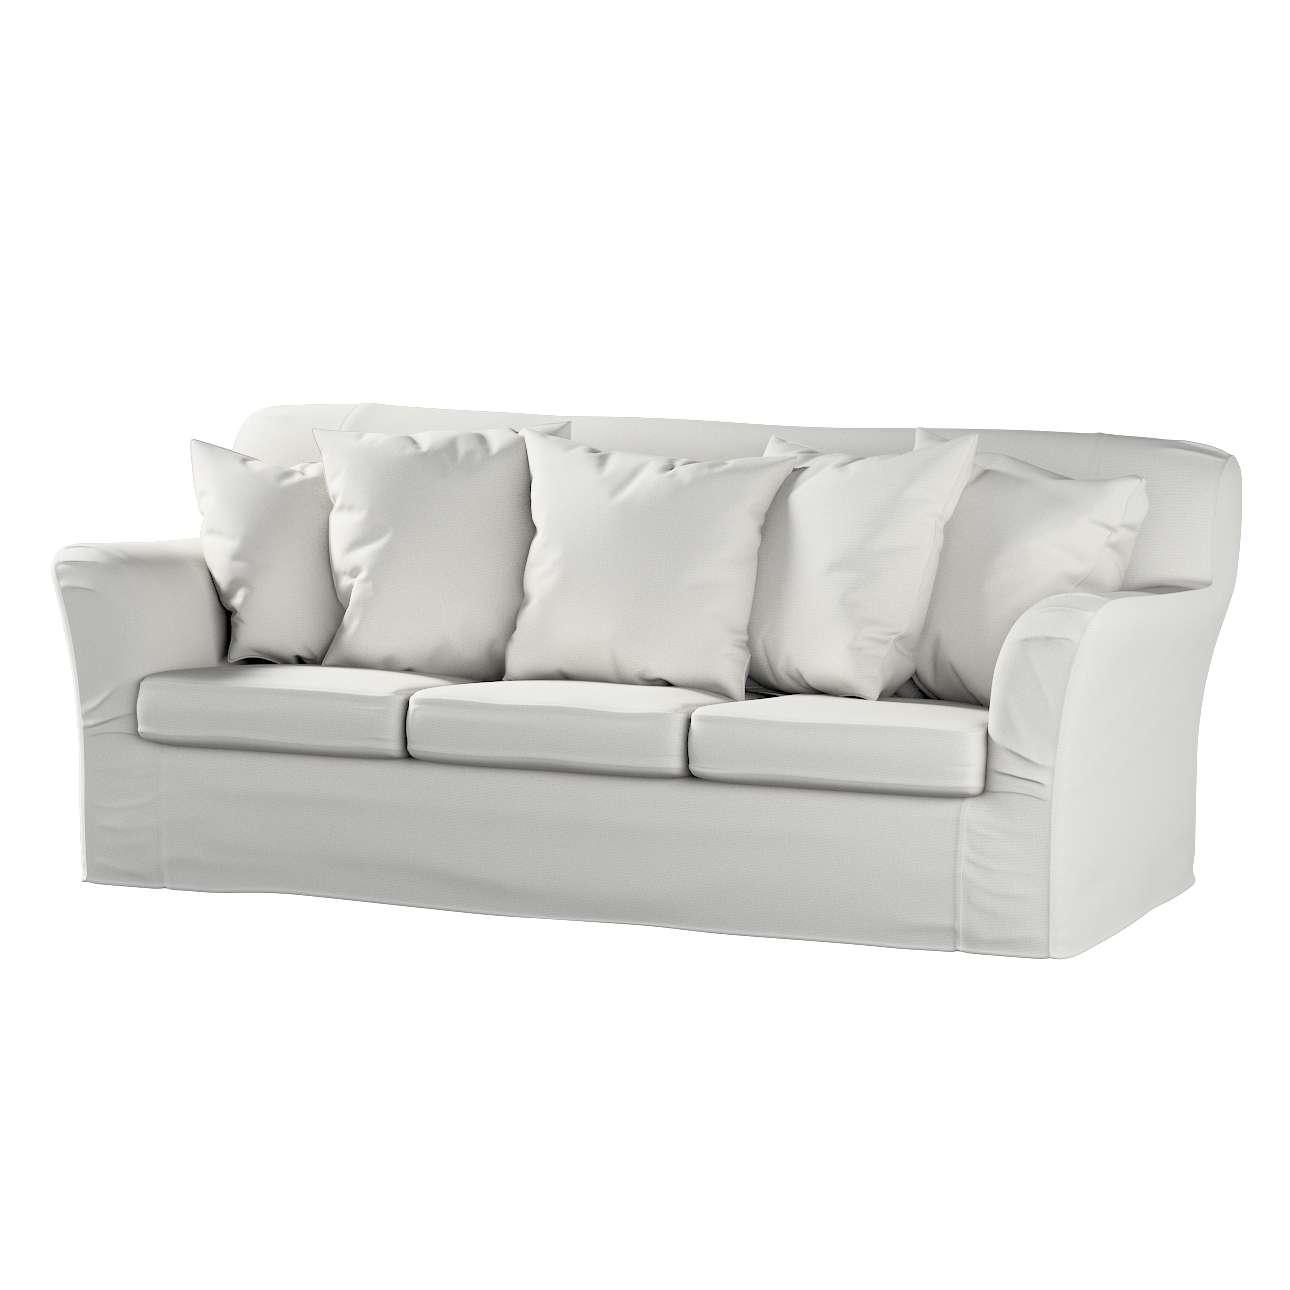 Tomelilla 3-Sitzer Sofabezug nicht ausklappbar Sofahusse, Tomelilla 3-Sitzer von der Kollektion Etna, Stoff: 705-90